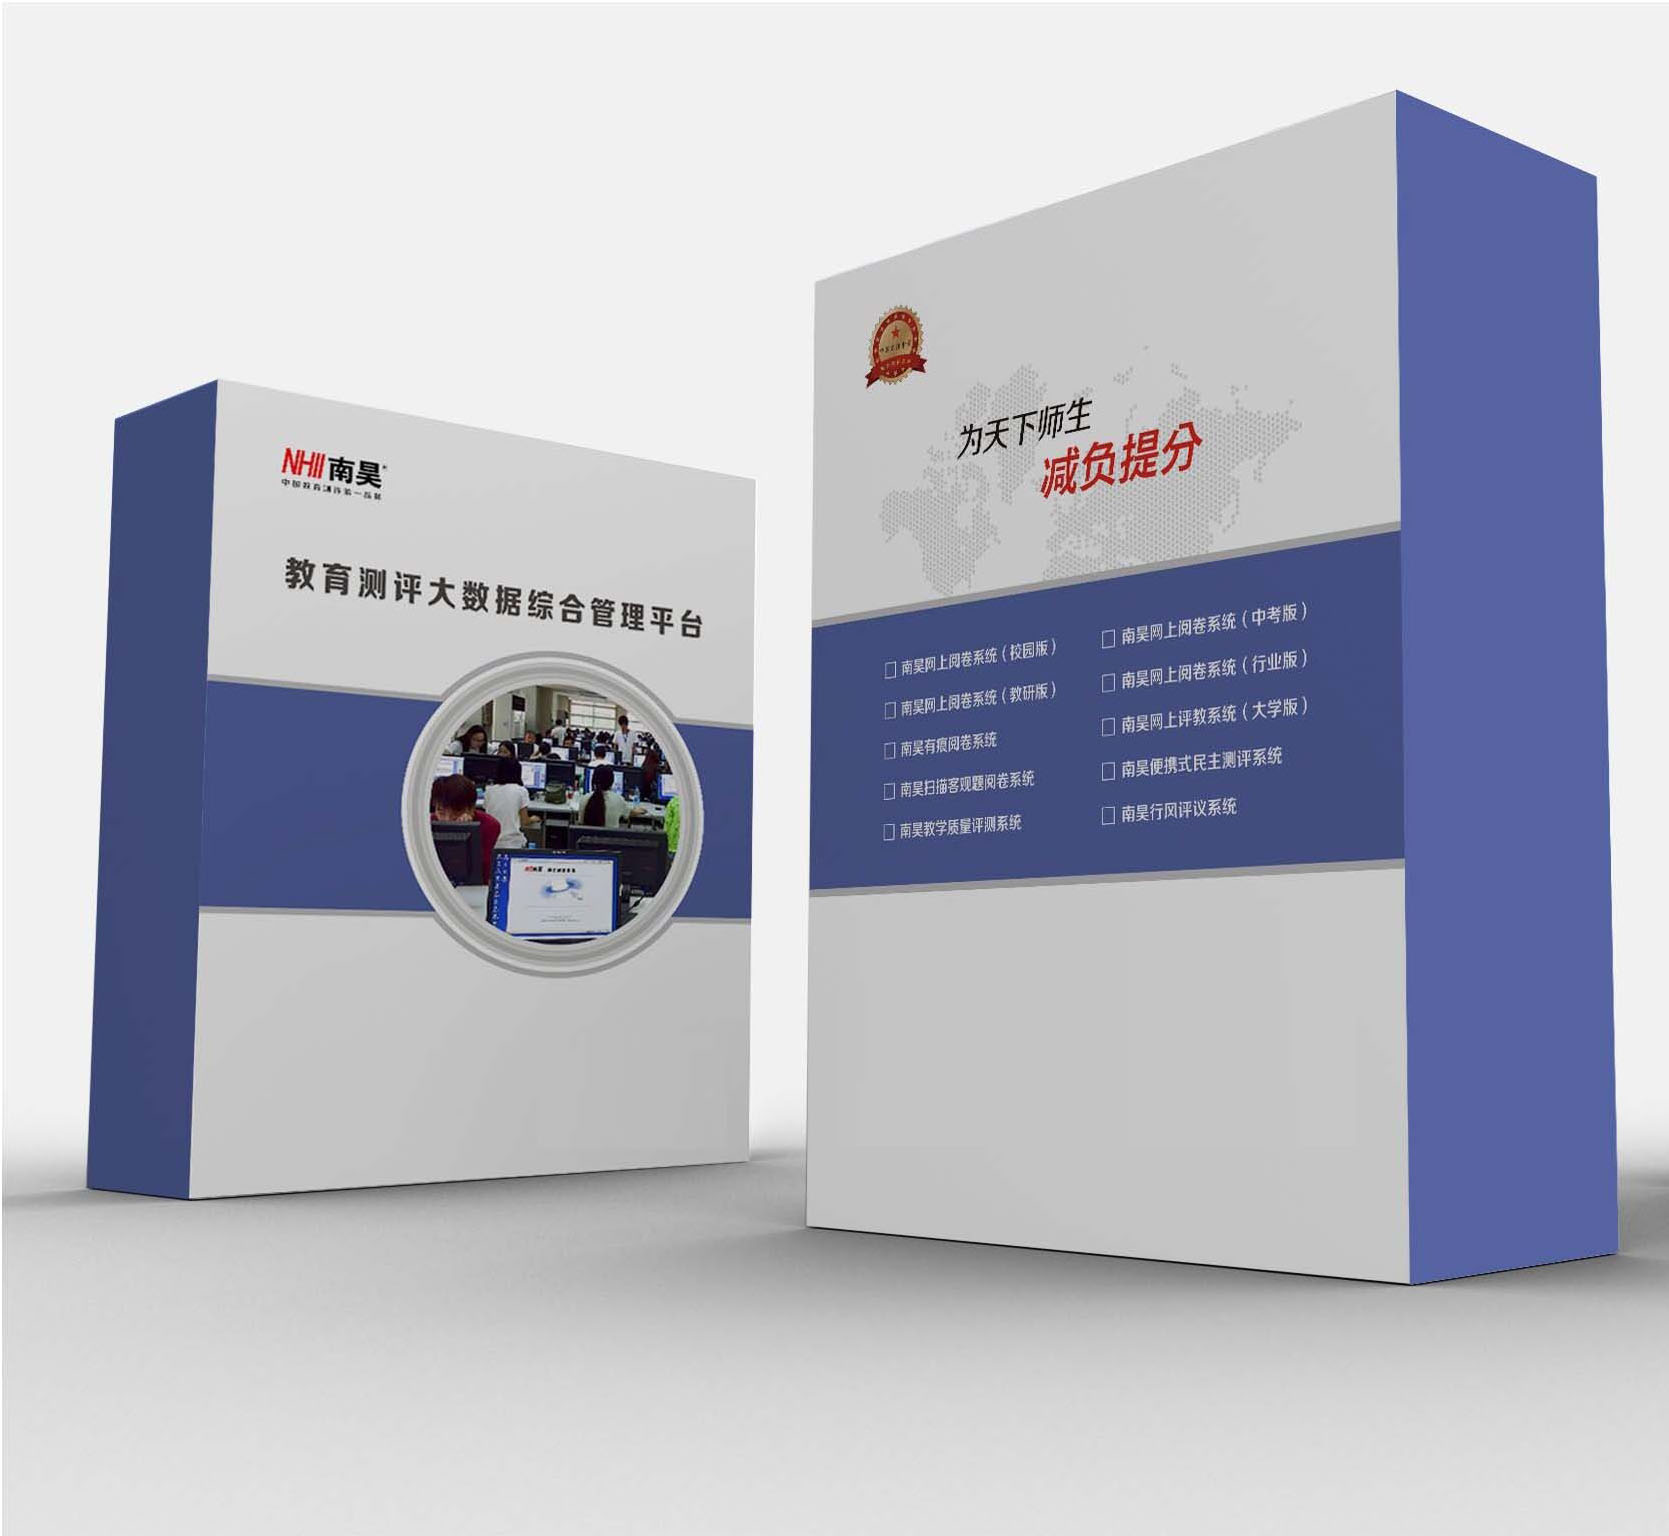 重庆网上阅卷系统校园版 供货商|新闻动态-河北省南昊高新技术开发有限公司